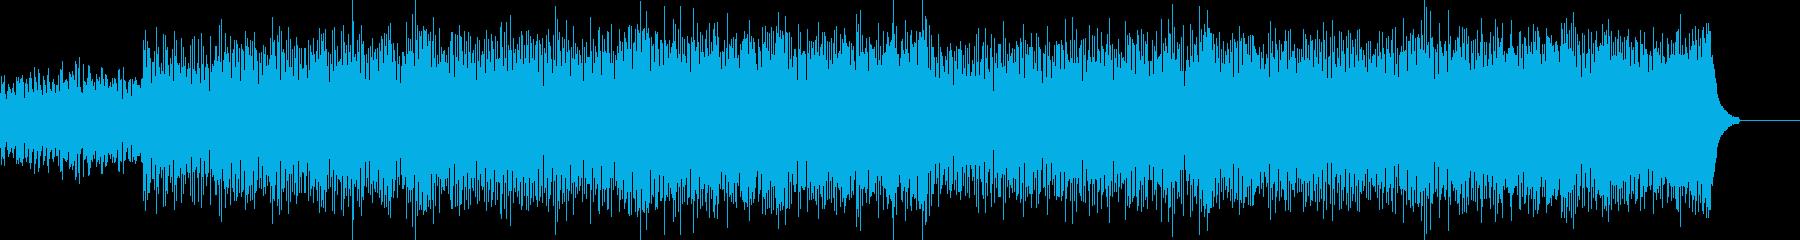 宇宙を感じるハイテクなメロディーの再生済みの波形